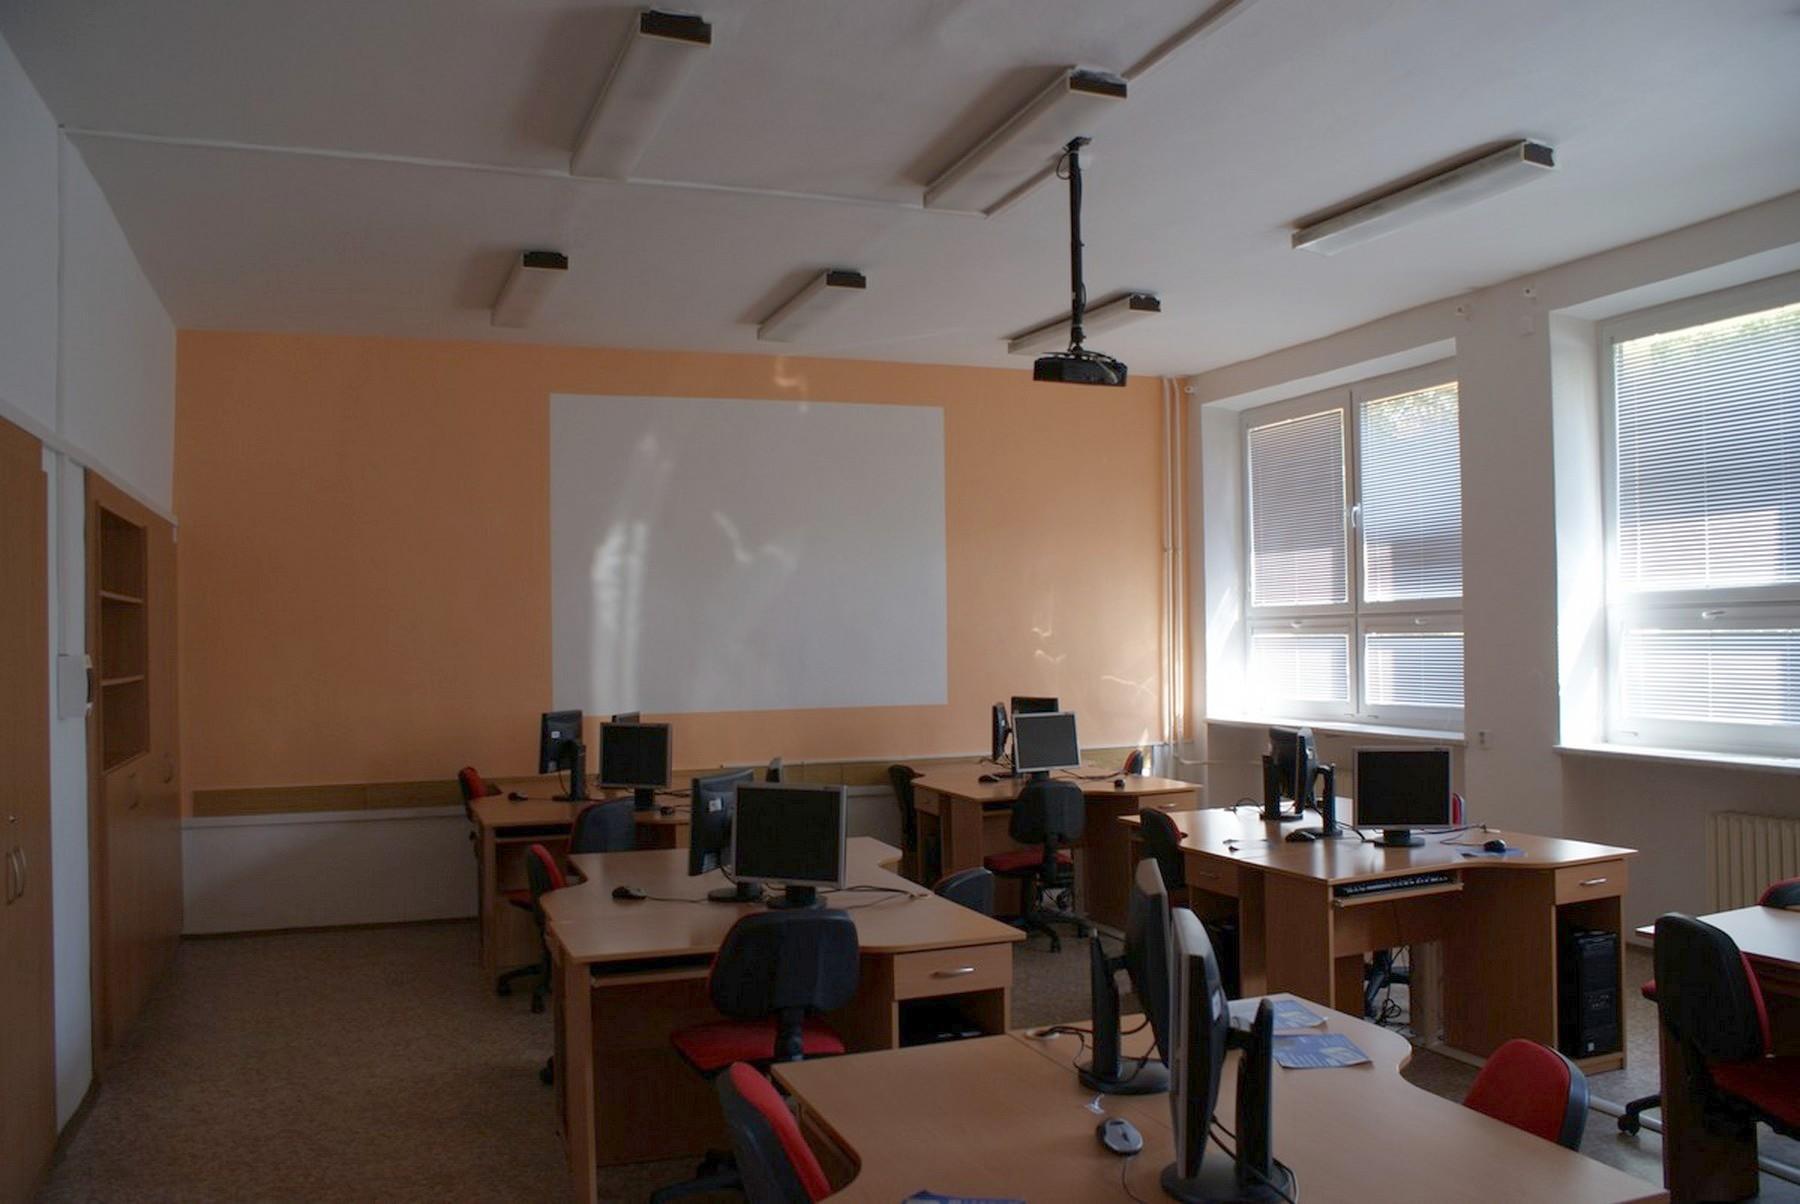 Moderní učebny v prostorách Obchodní akademie v Ostravě